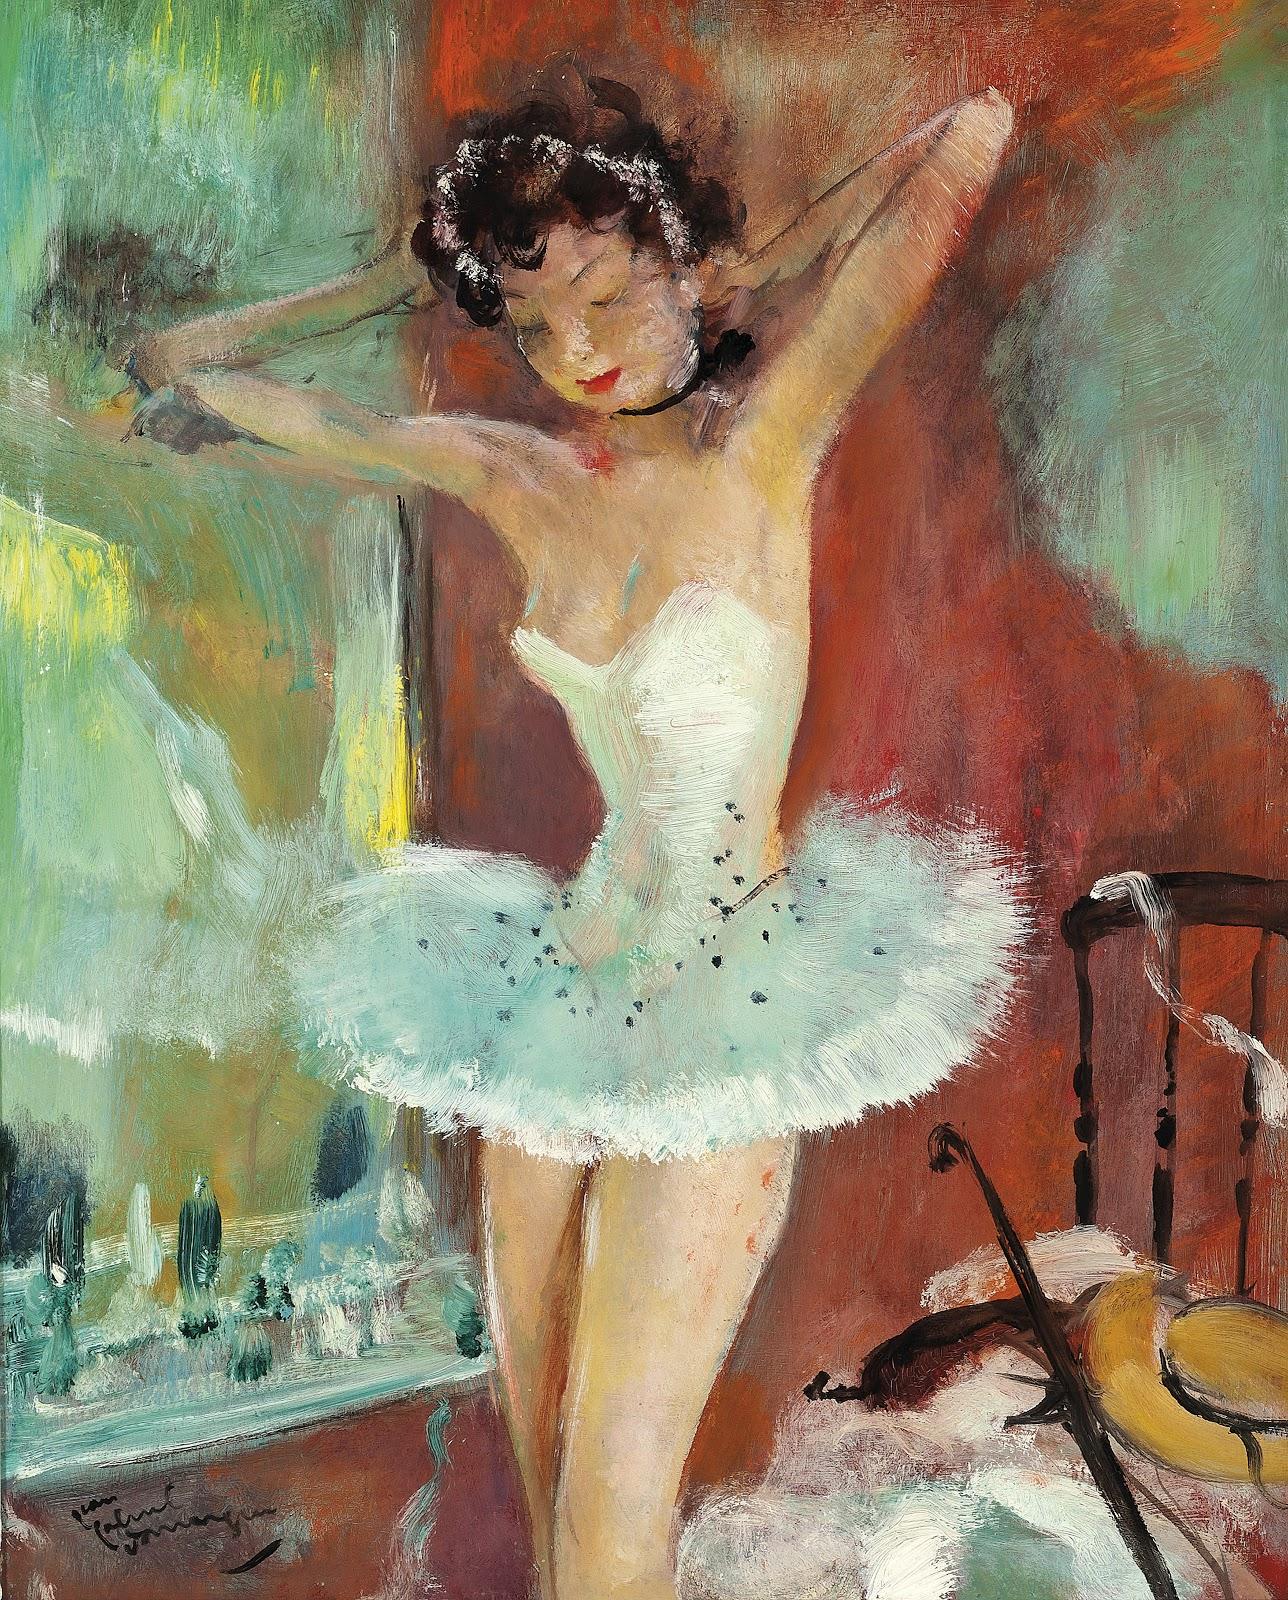 Jean Gabriel Domergue Zina danseuse